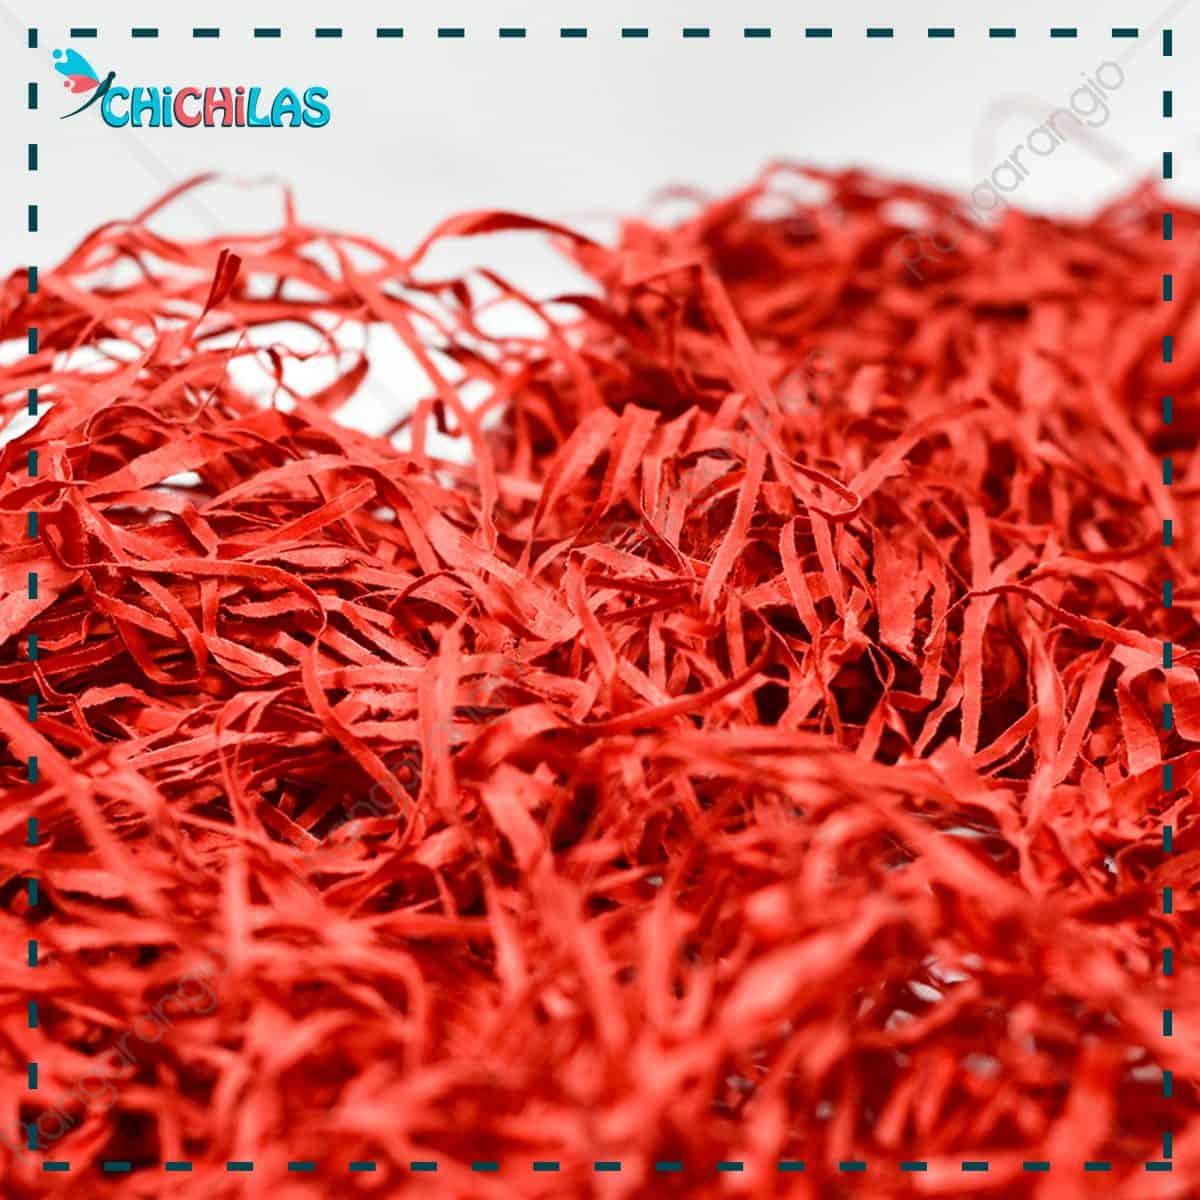 چیچلاس - پوشال قرمز - خرید پوشال برای باکس ولنتاین - خرید پوشال قرمز تزیینی - خرید پوشال تزیینی